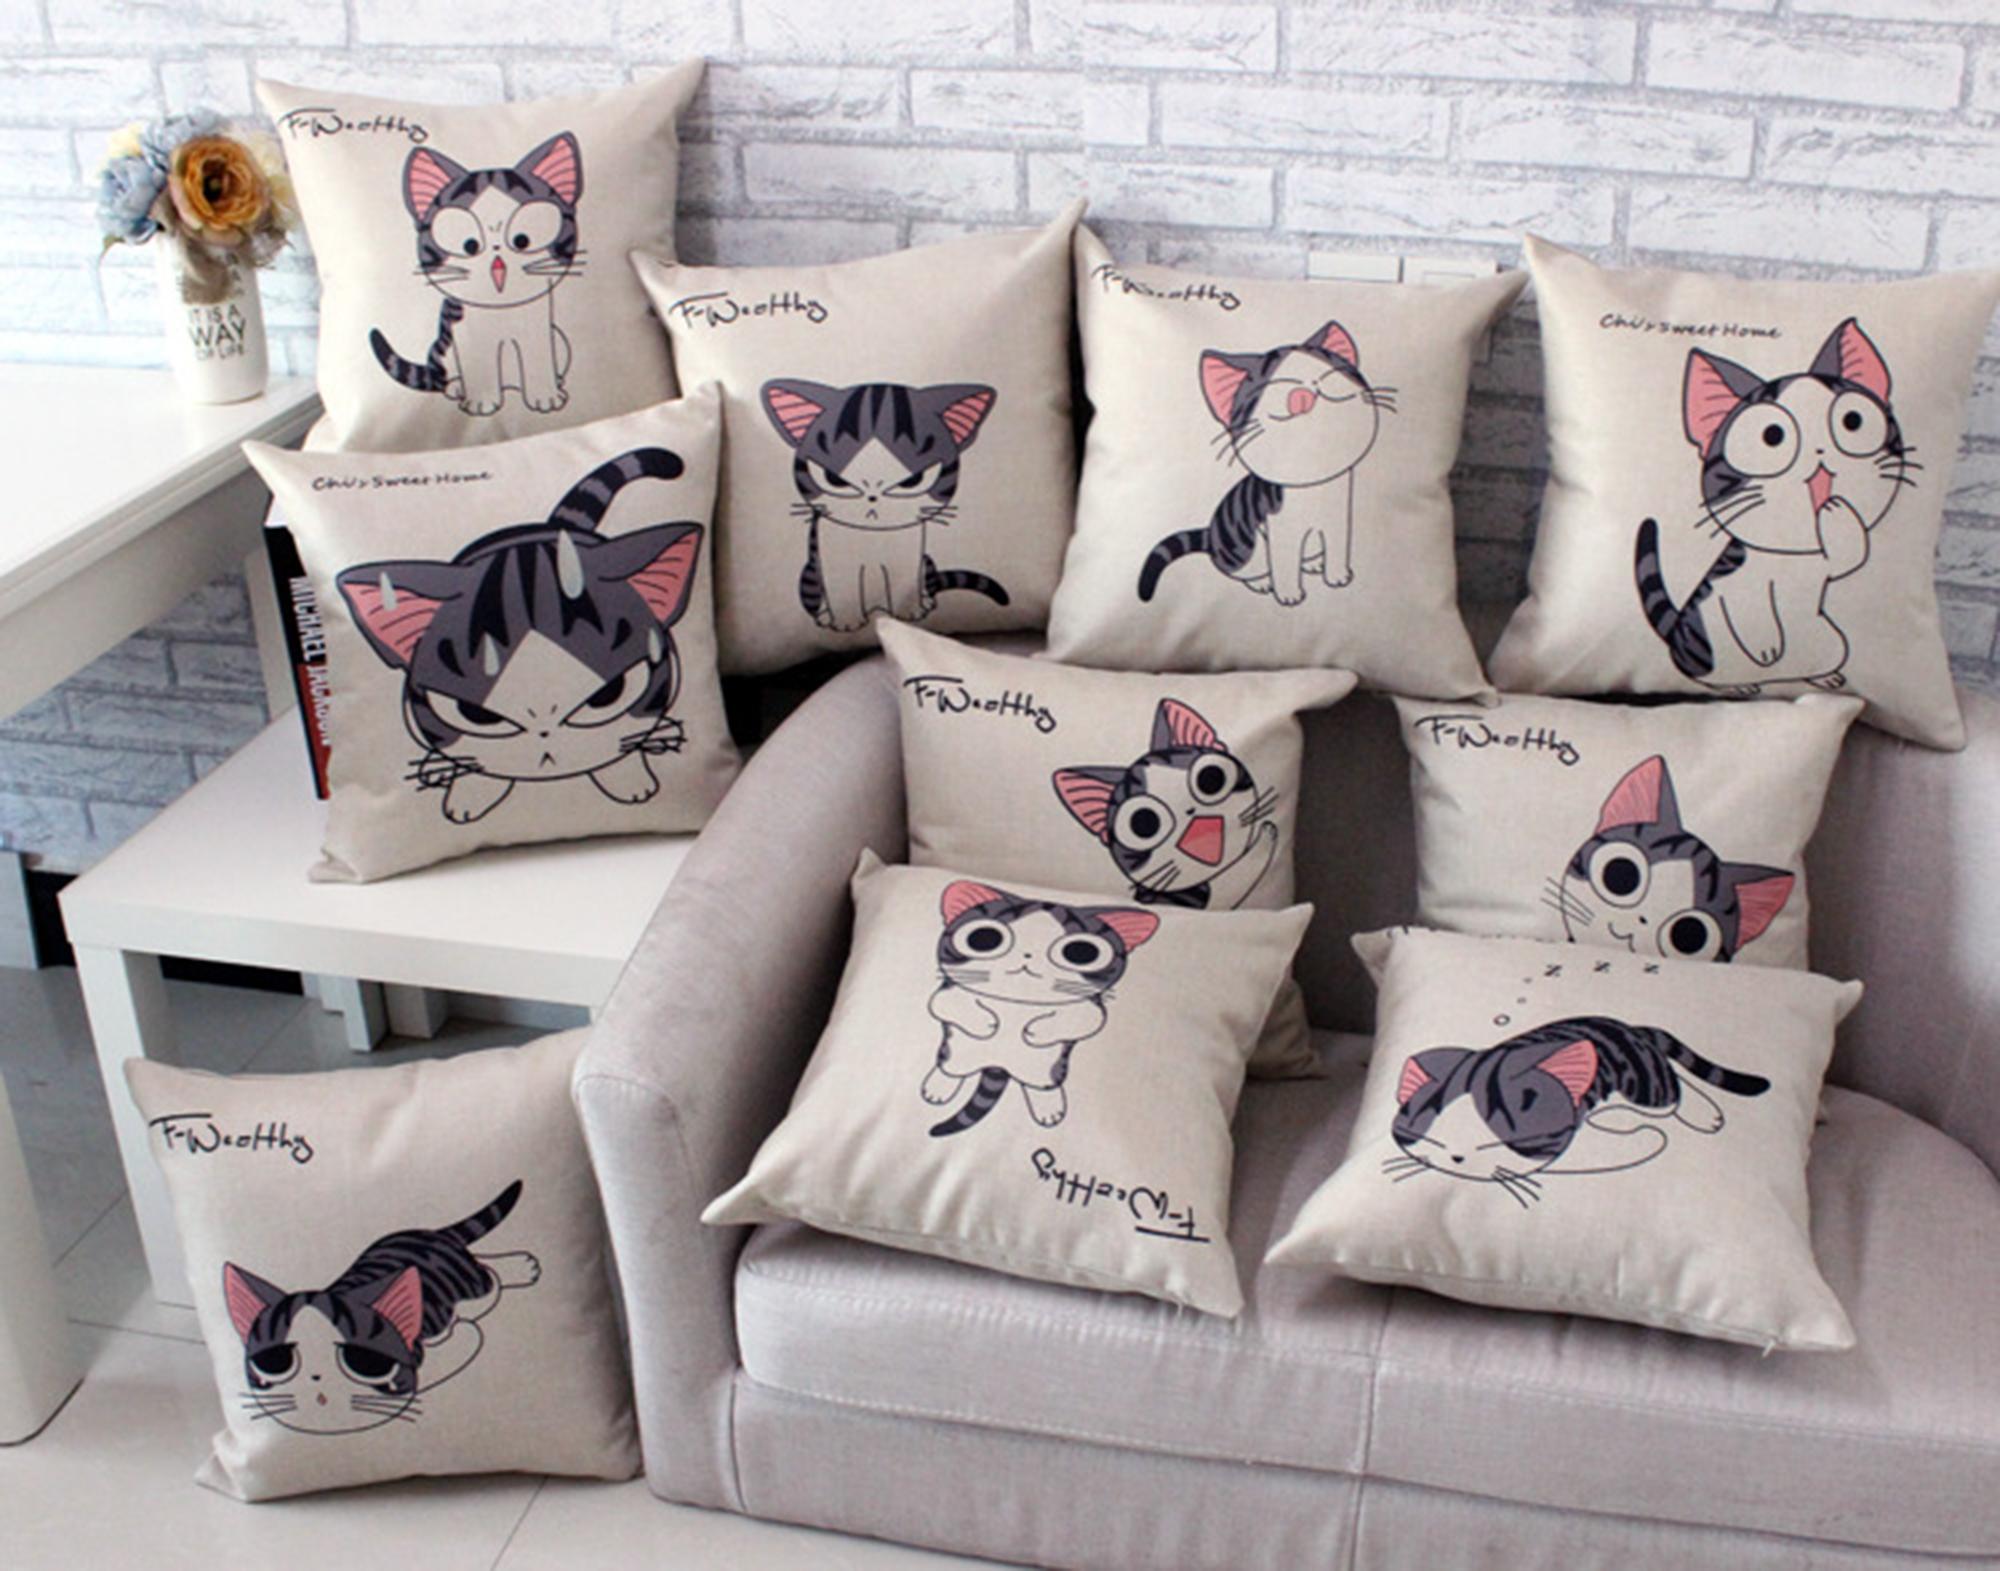 รวมรูปหมอนอิง Collection ทาสแมว 4